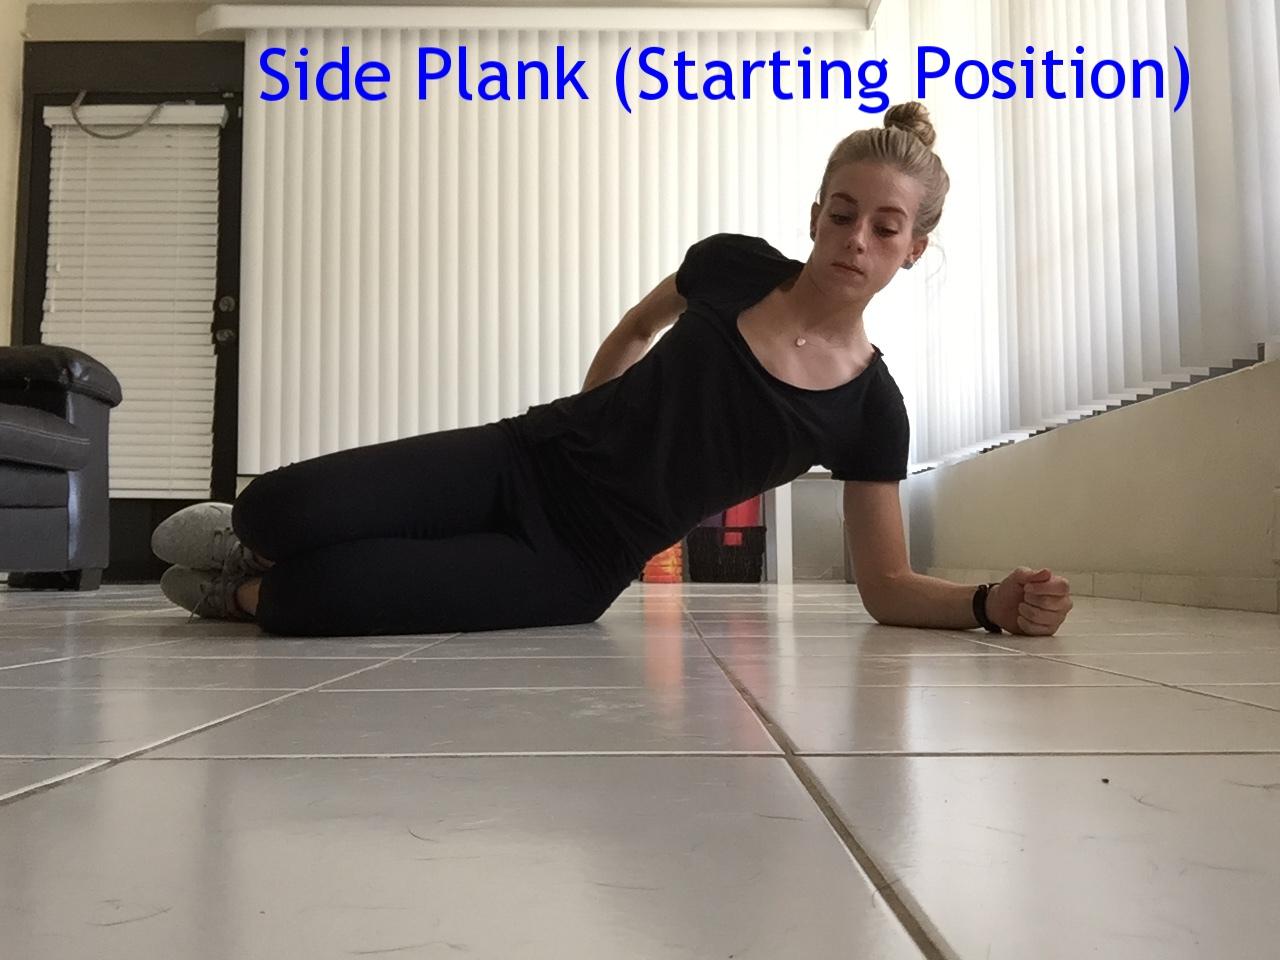 Side Plank Knee Starting Position.JPG